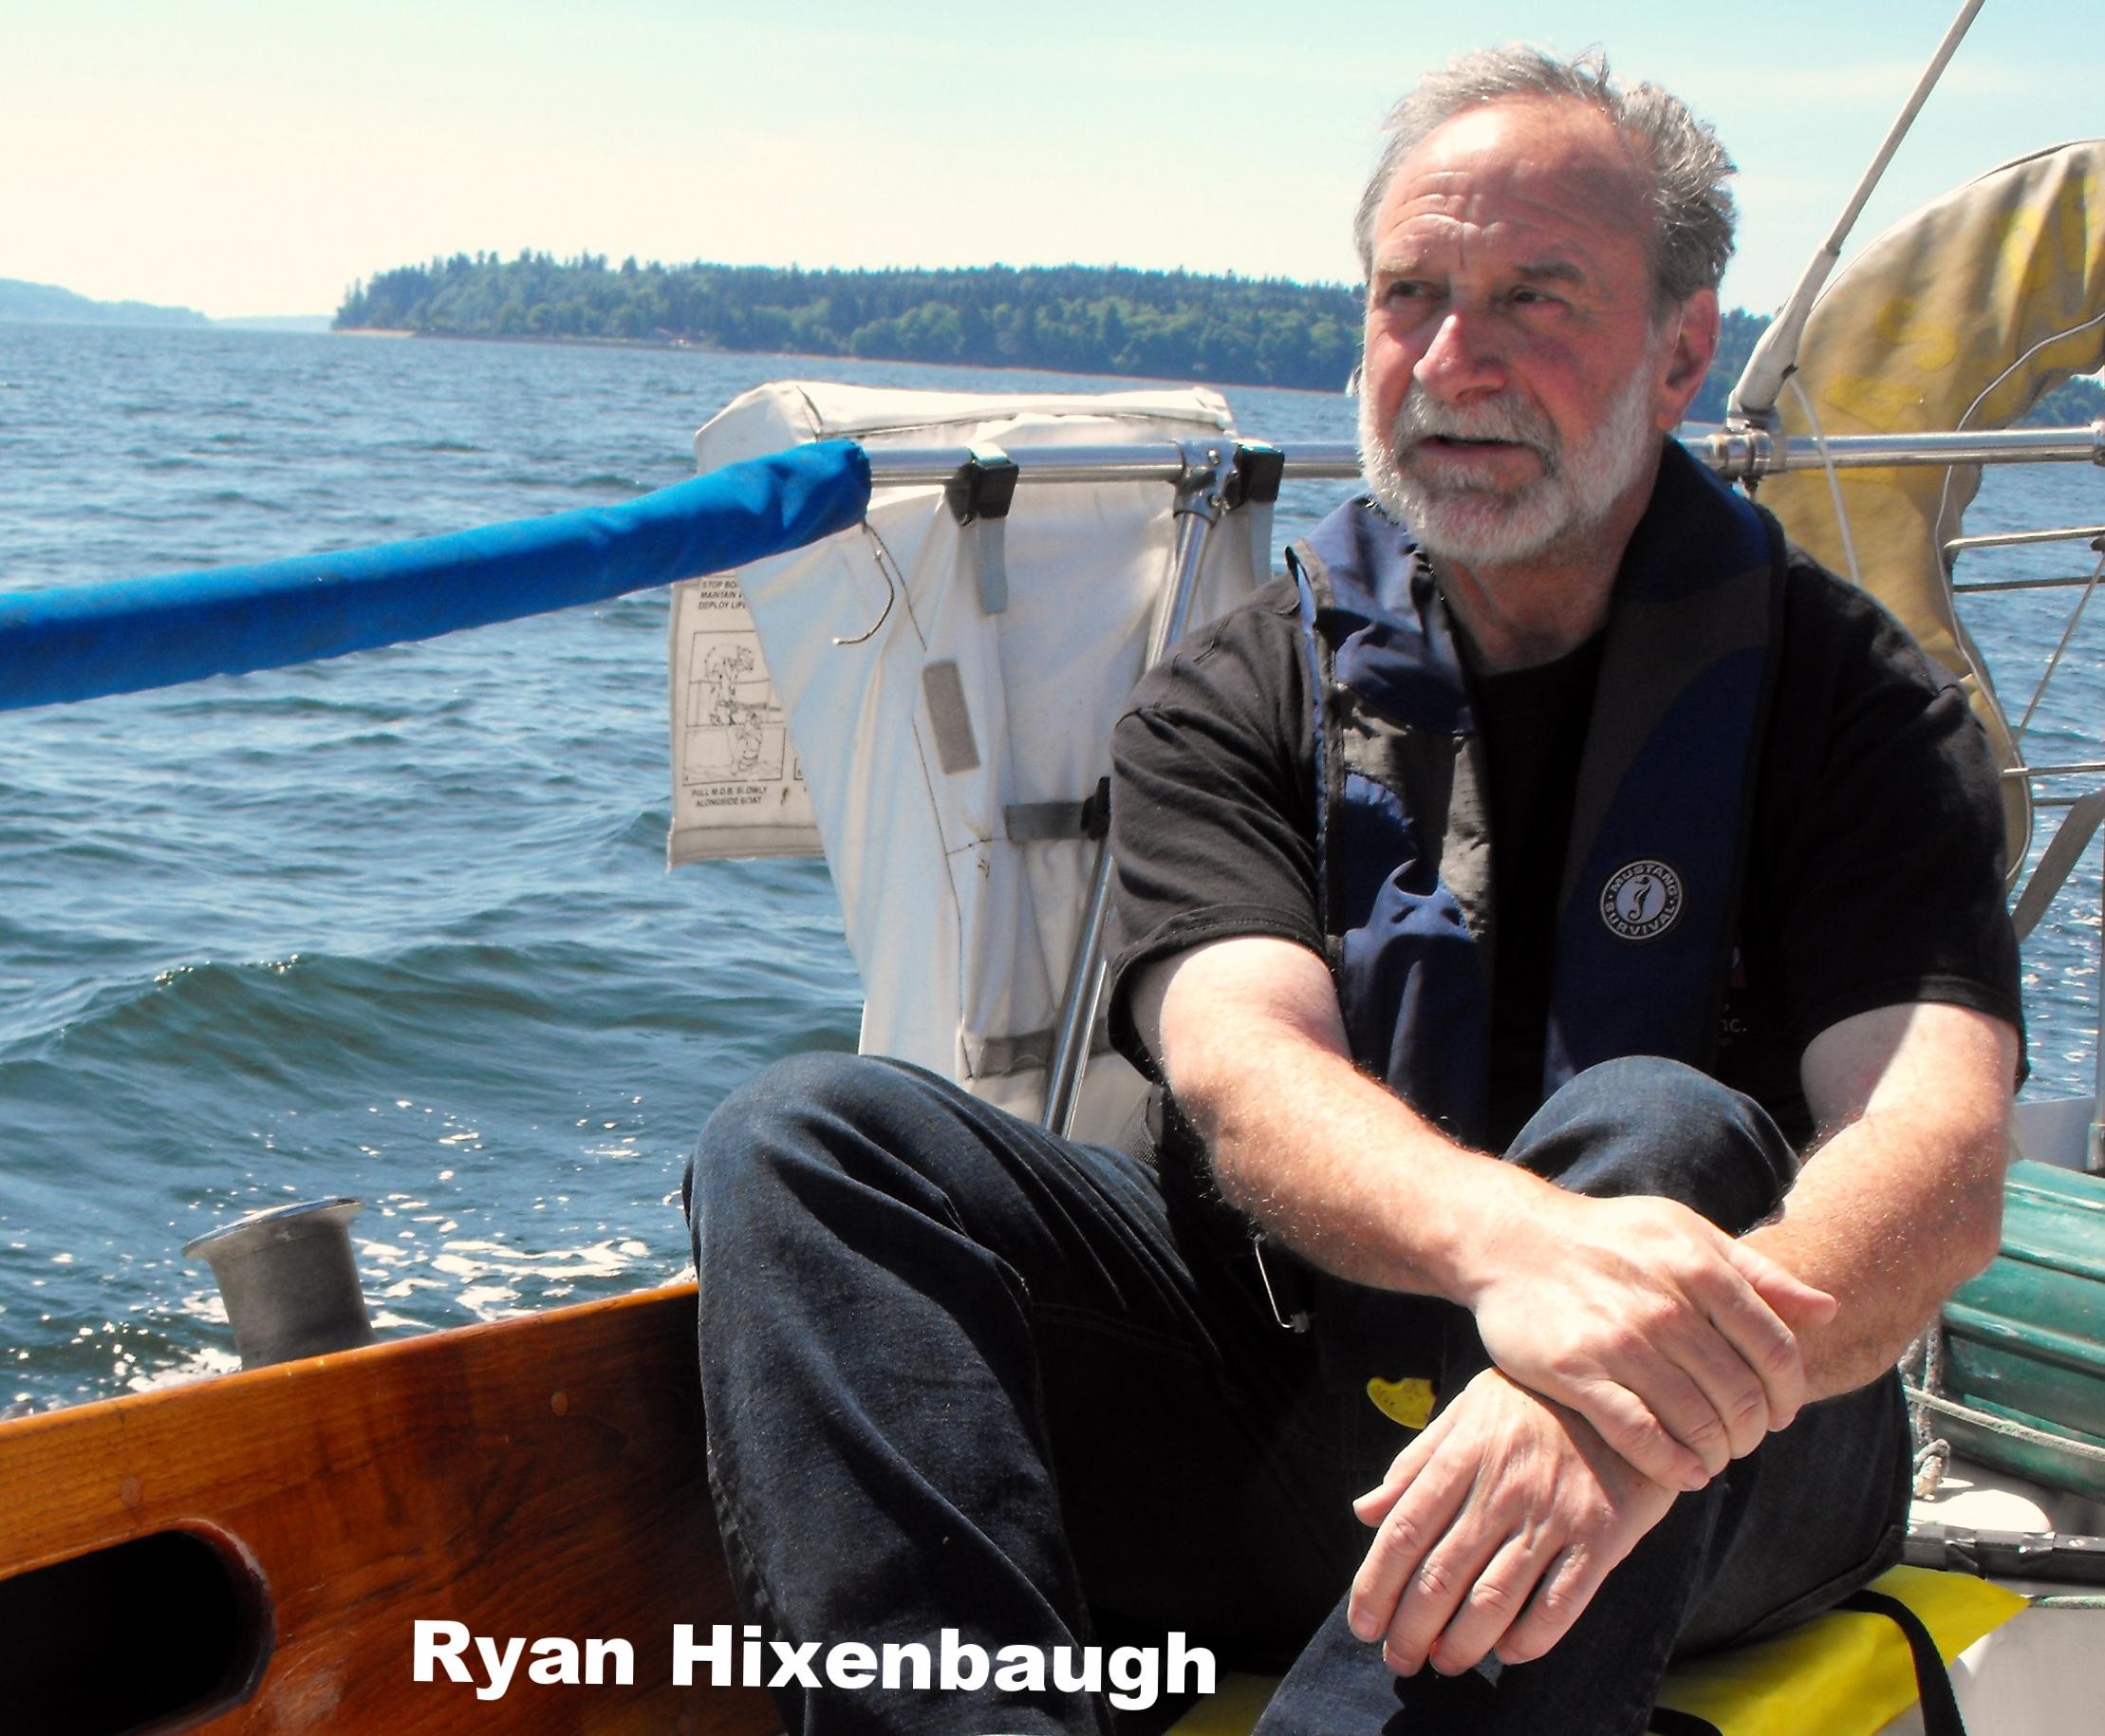 Ryan Hixenbaugh